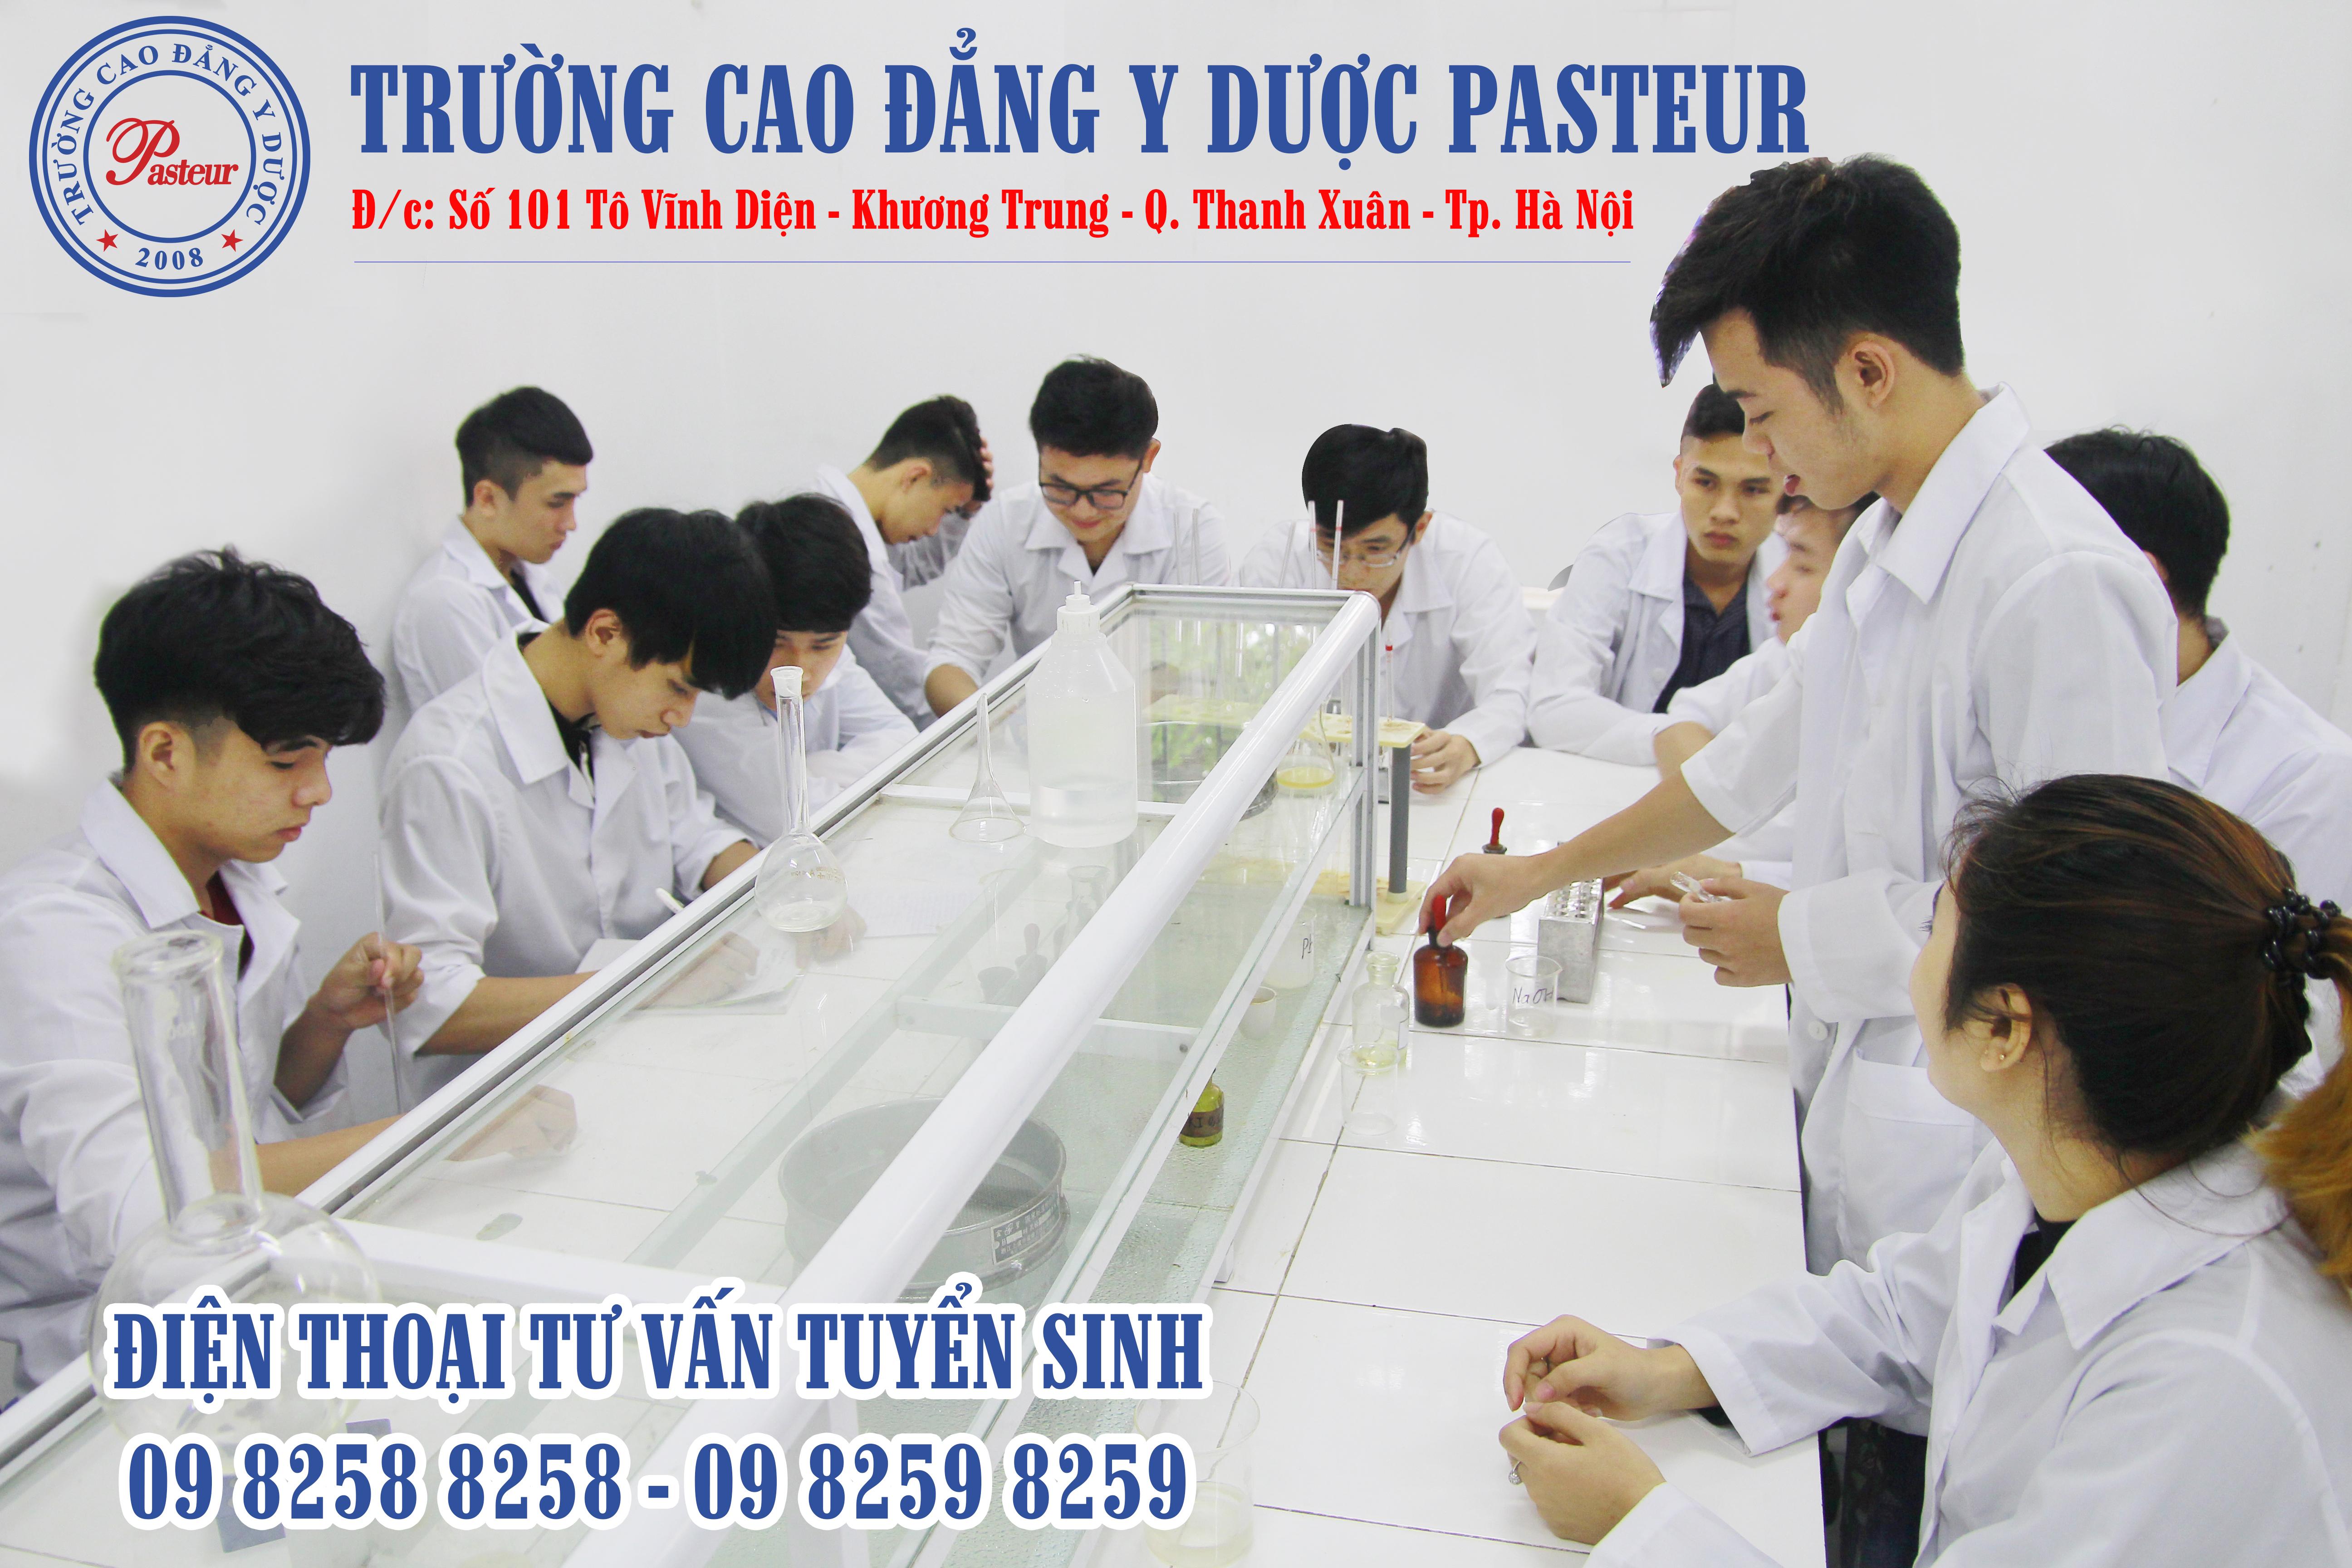 Địa chỉ đào tạo Cao đẳng Dược tại Hà Nội ở đâu?